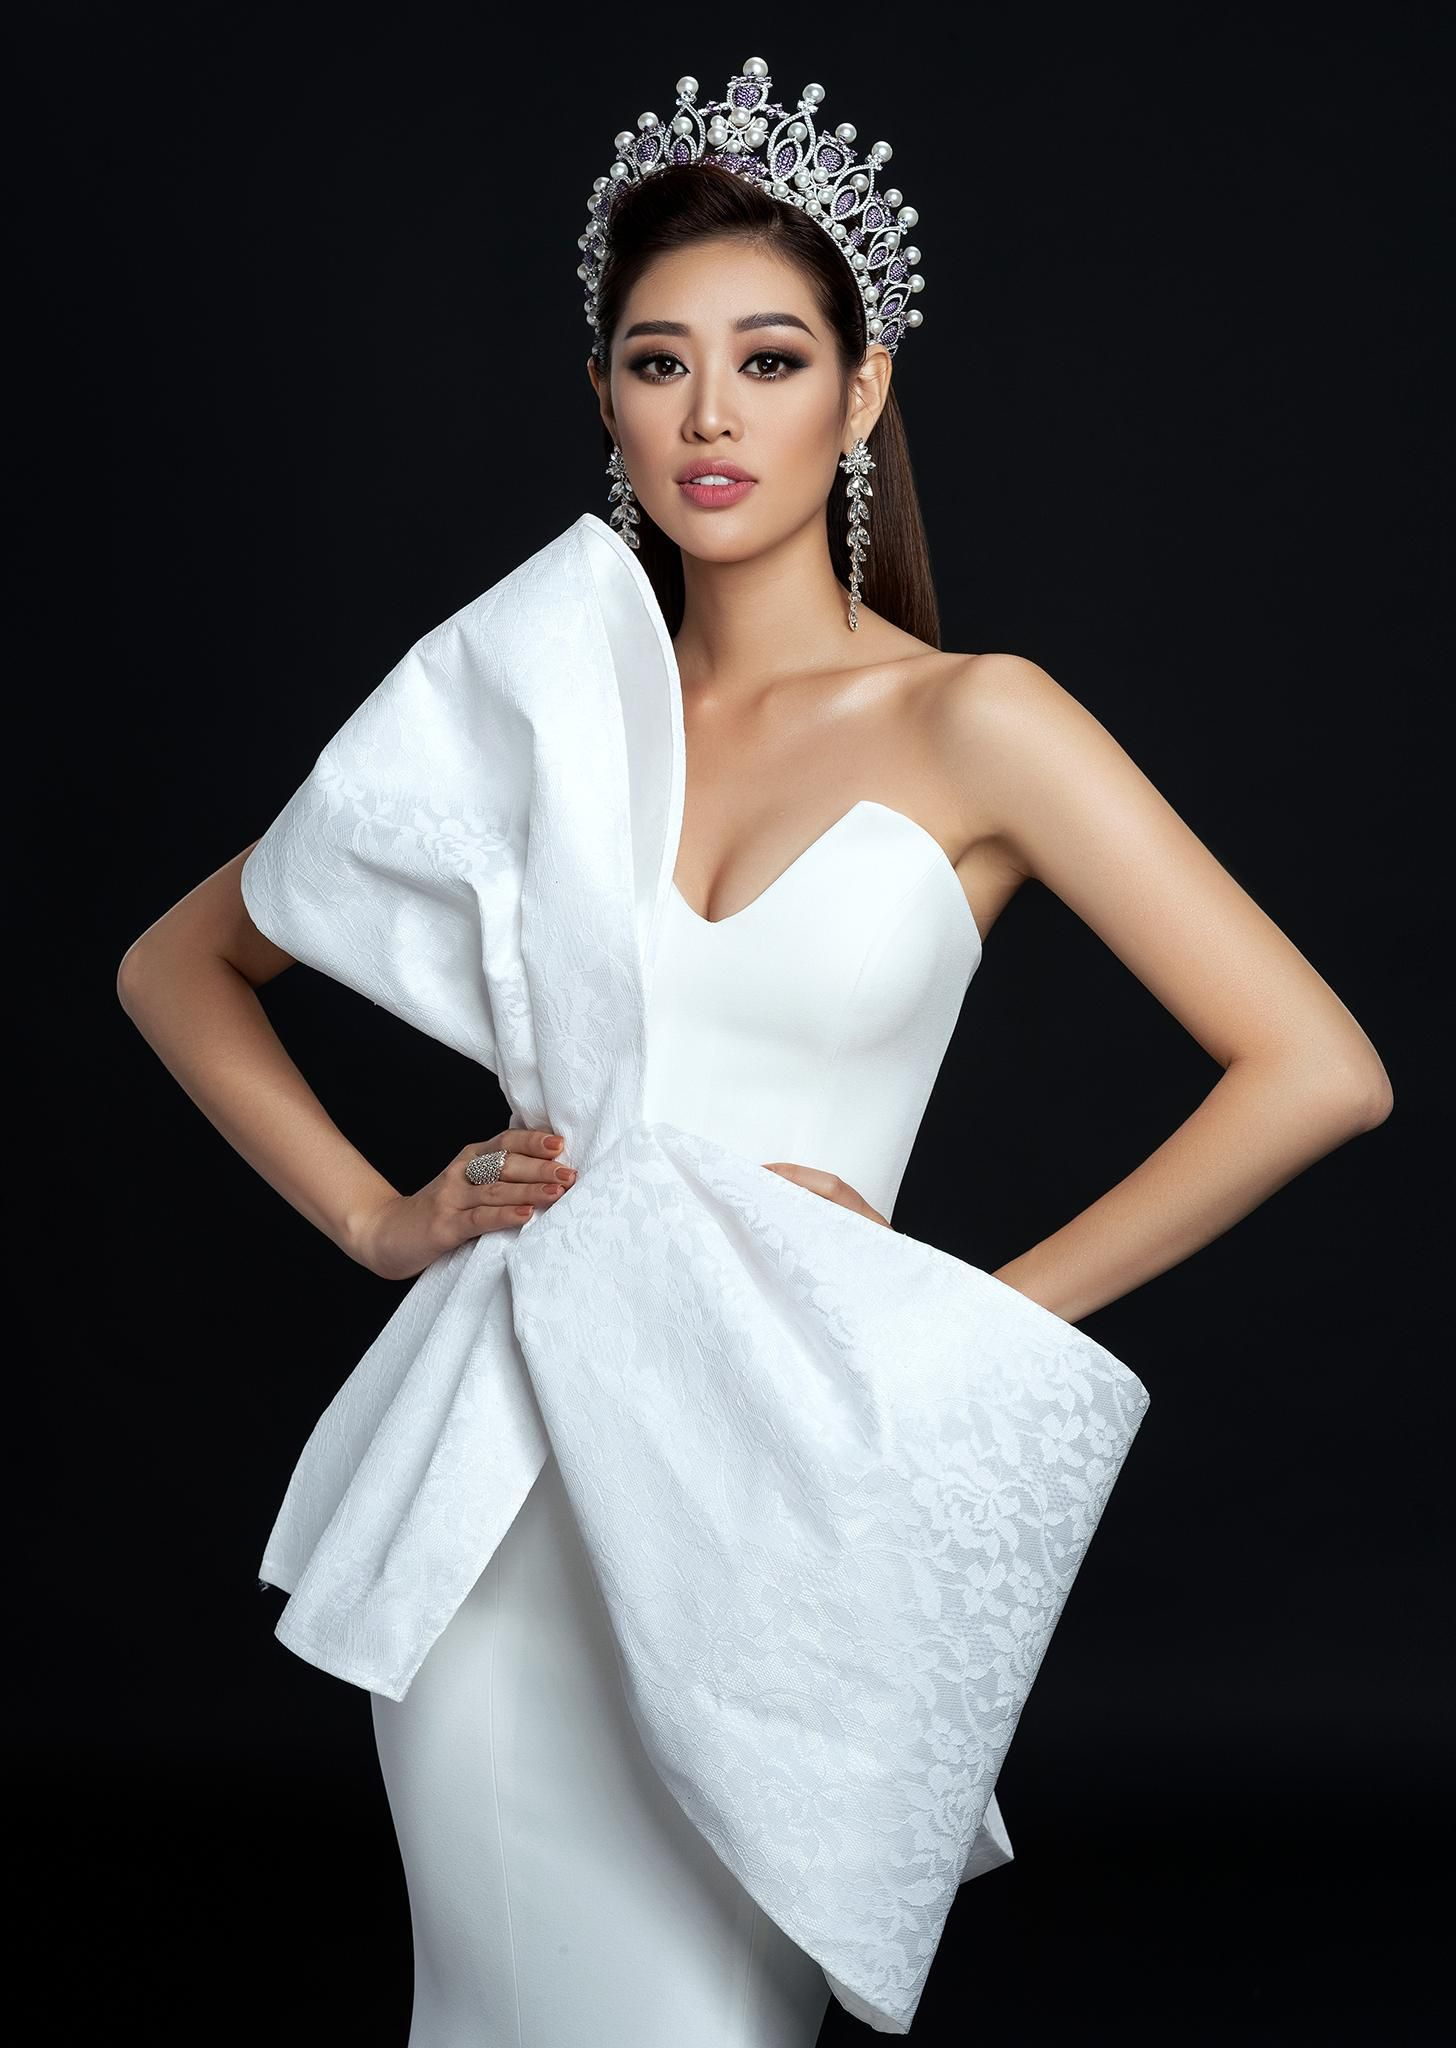 Hoa hậu Khánh Vân khoe vai trần gợi cảm sau 2 tháng đăng quang Ảnh 4